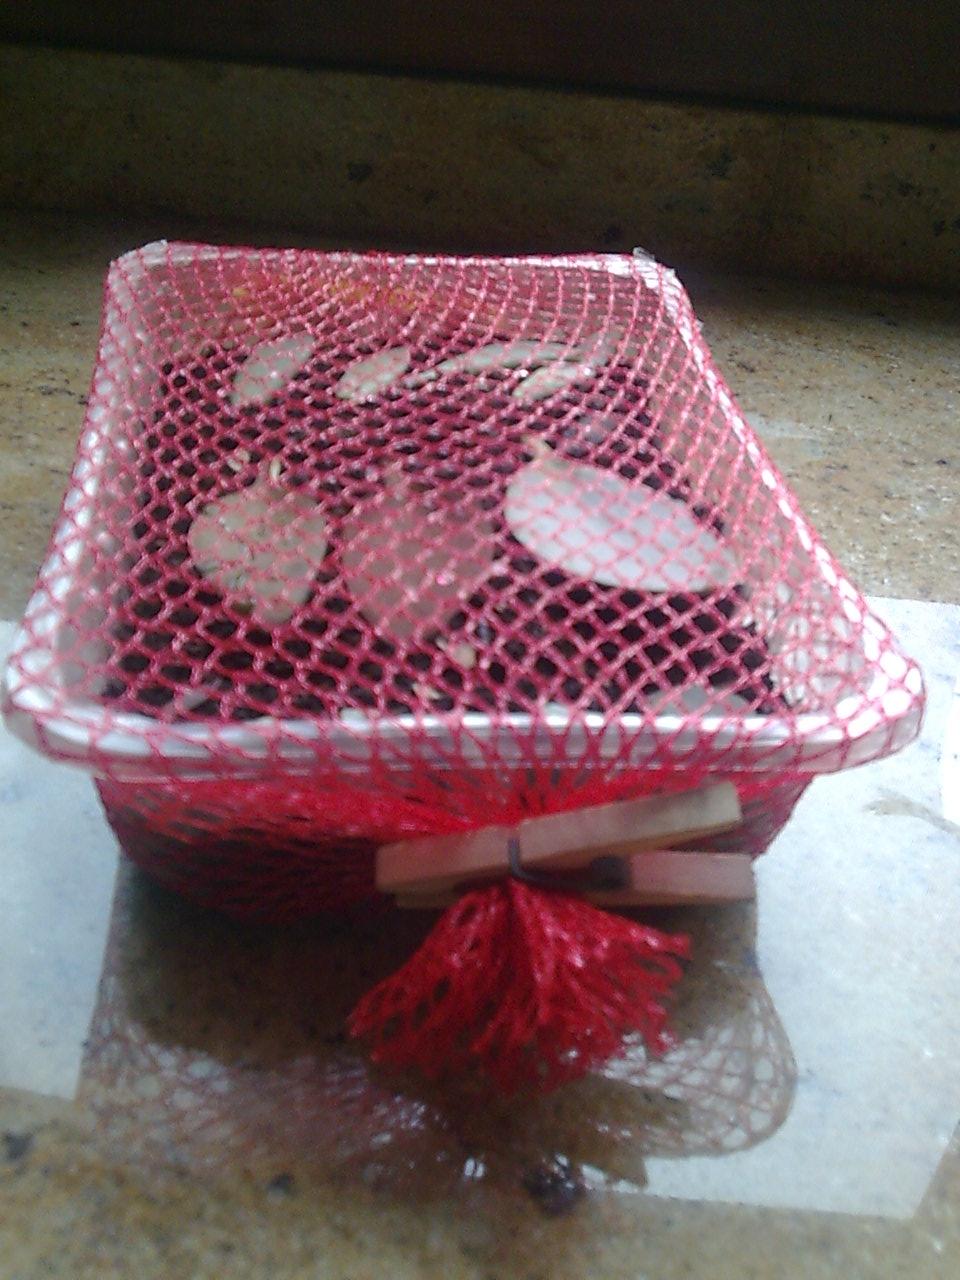 Aprendiz reutilizar malla de pl stico de fruta para - Mallas de plastico ...